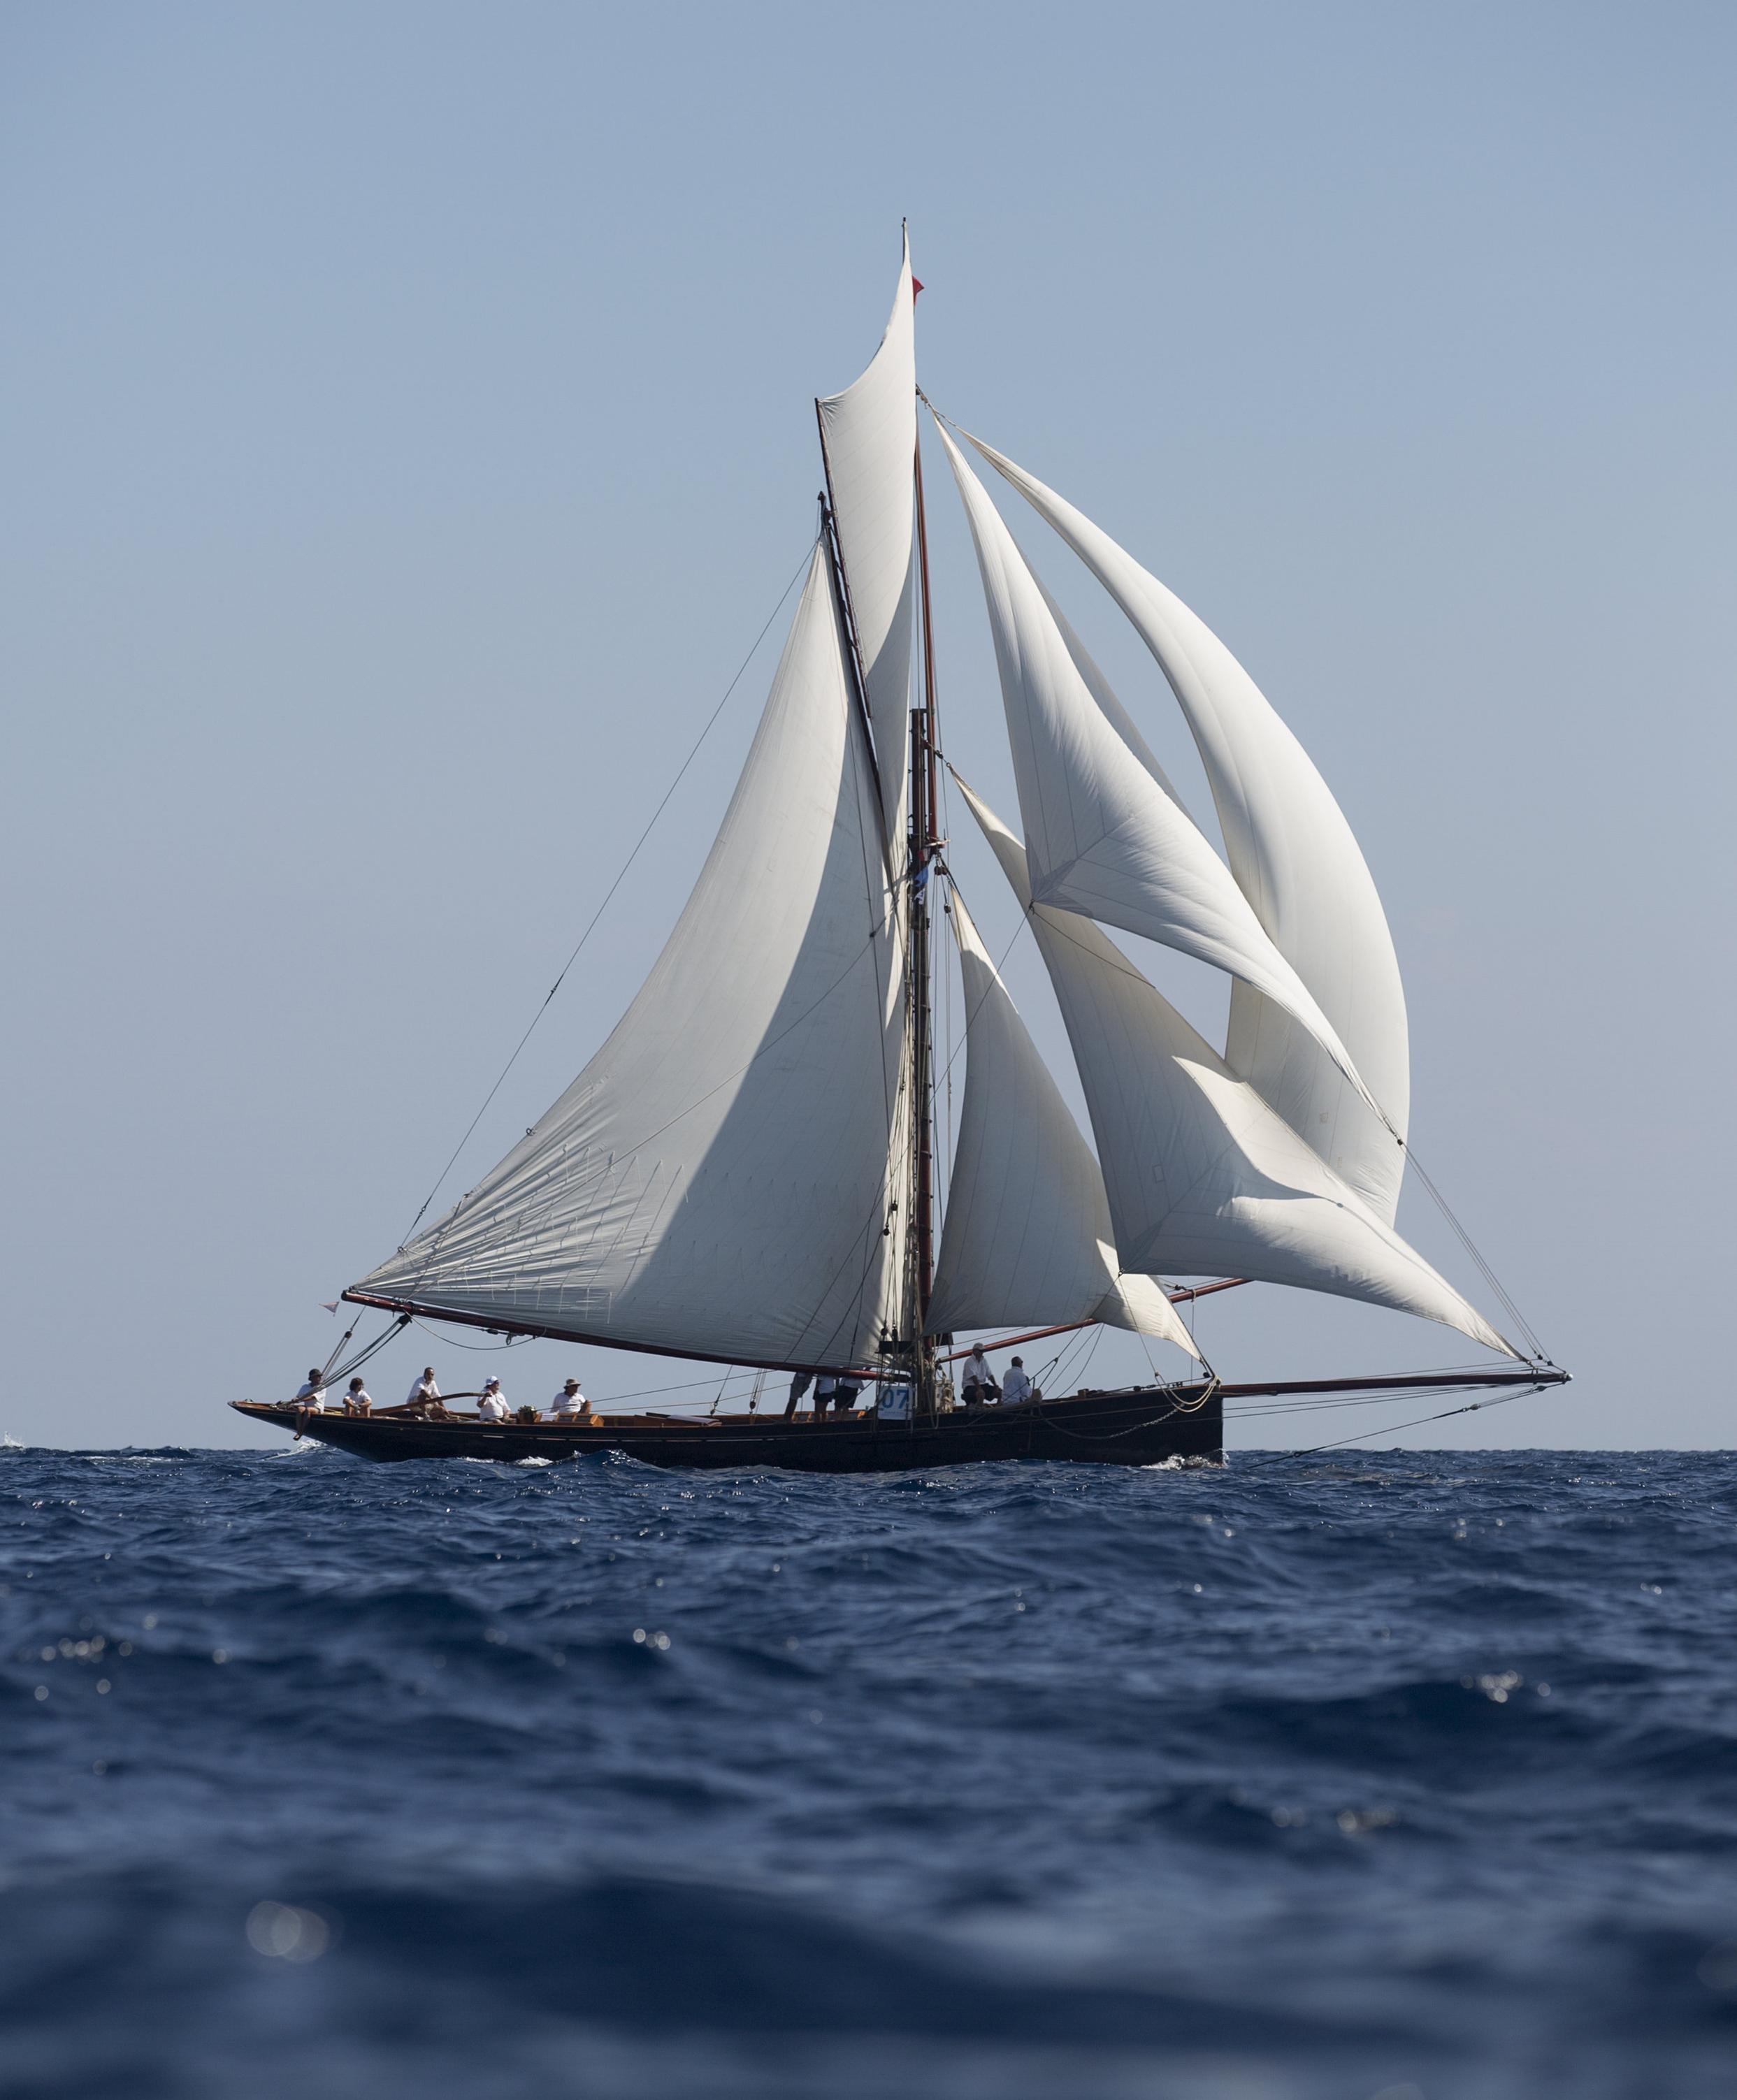 Above: Camper & Nicholson designed yacht MARIGOLD under full sail at Régate Royale Cannes Trophée Panerai 2014 © Emily Harris